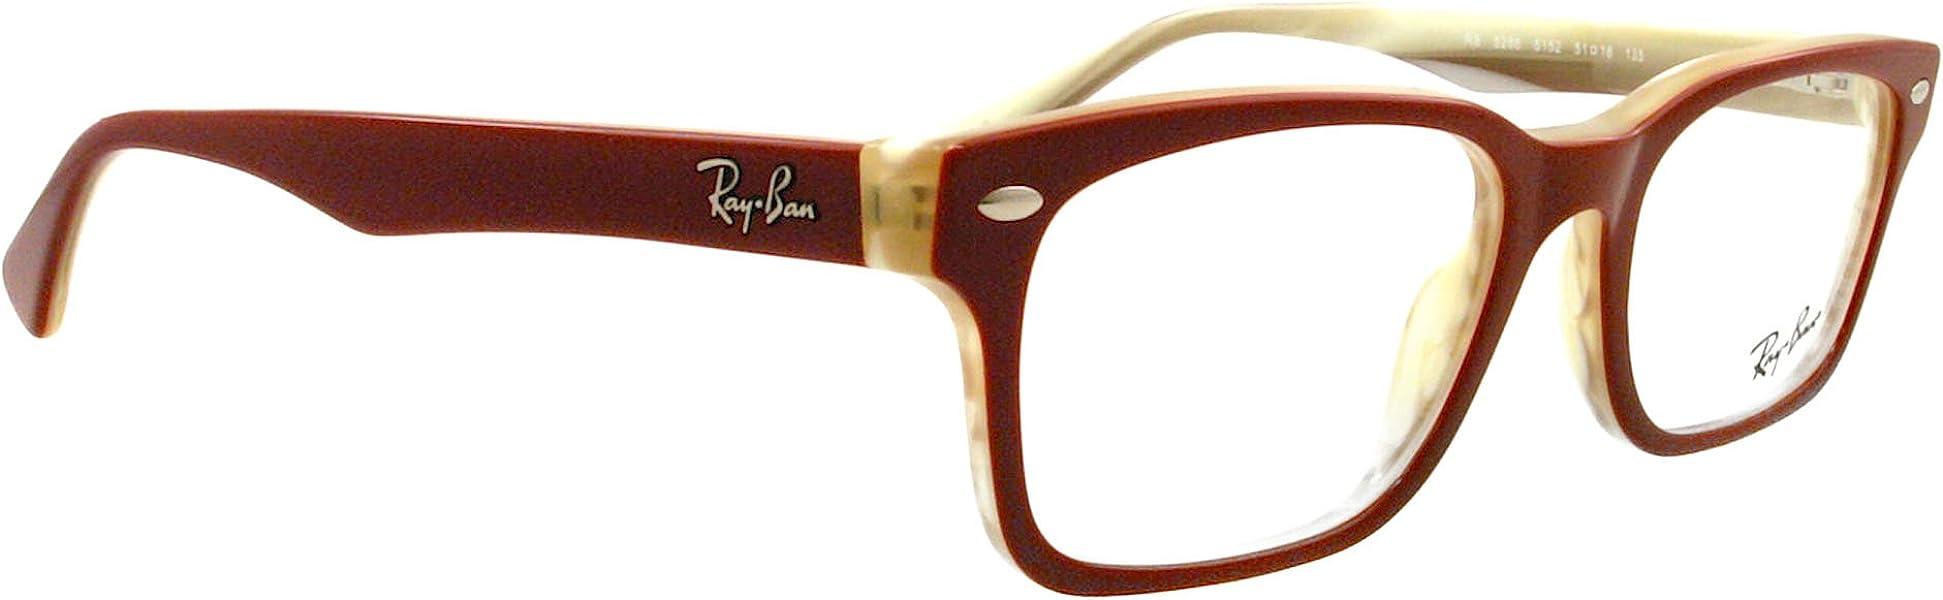 9fb23880b17 Amazon.com  Ray-Ban Eyeglasses RB 5286 RED 5152  Ray-Ban  Shoes